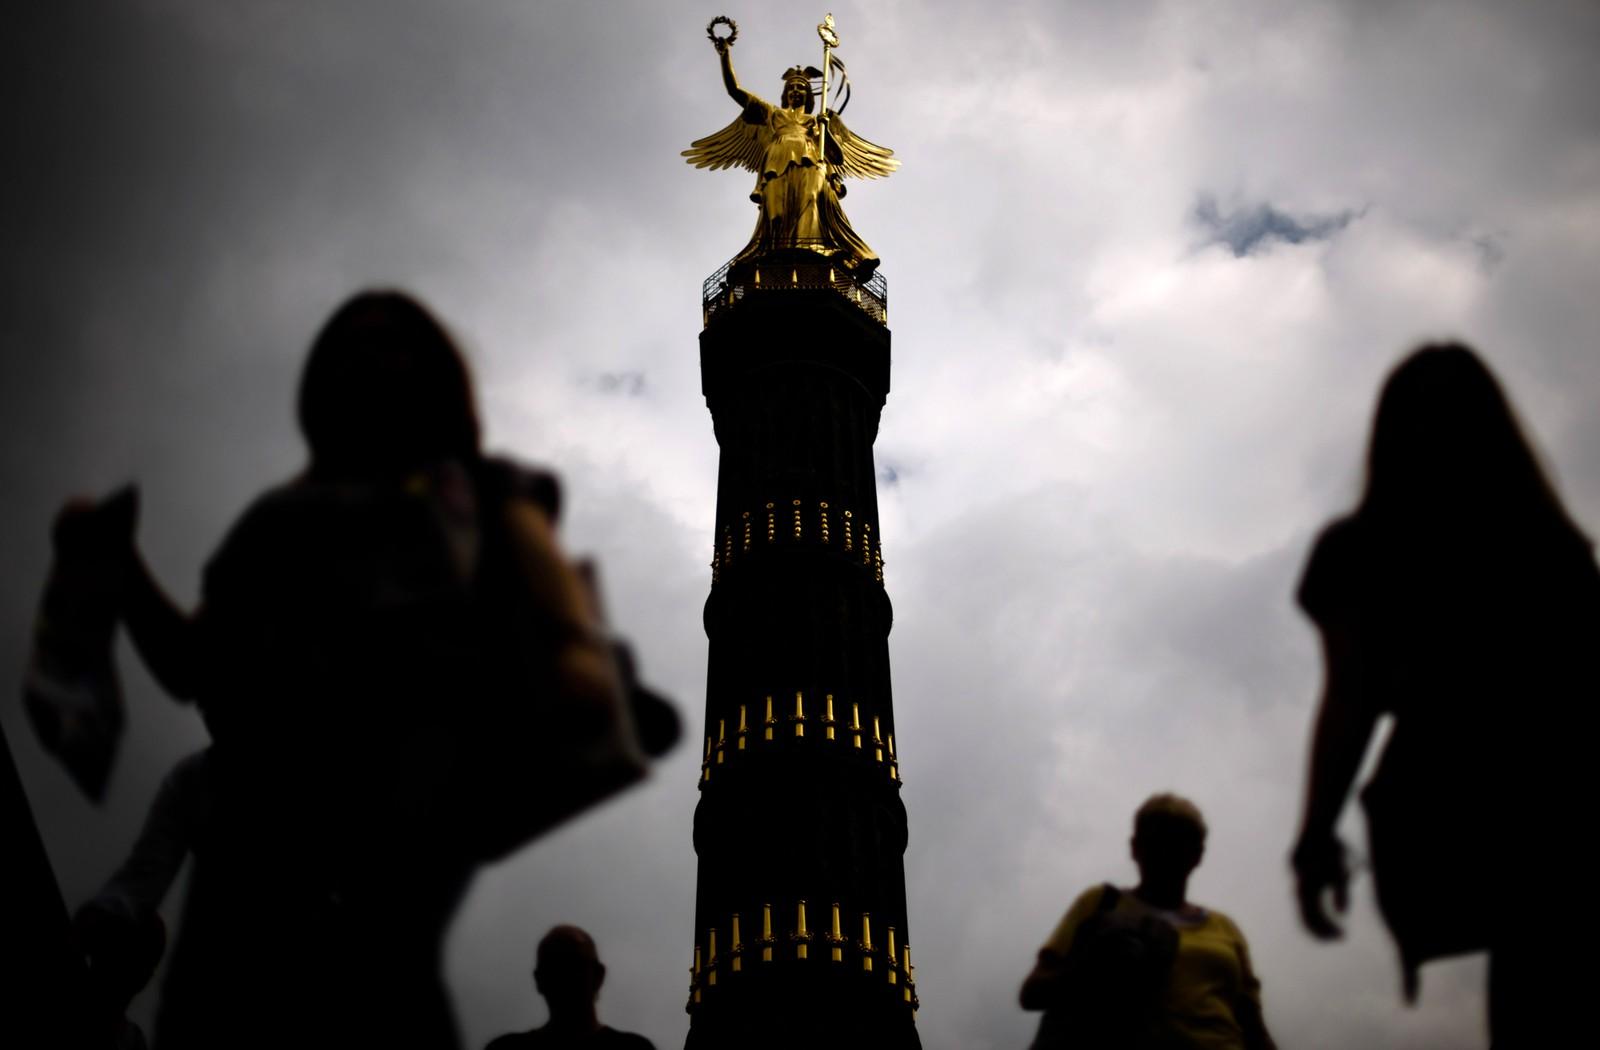 Mennesker går forbi den berømte Seierssøylen i Berlin i Tyskland. Statuen forestiller den romerske seiersgudinnen Victoria, og ble oppført mellom 1864 og 1873. Bildet er tatt den 5. august.